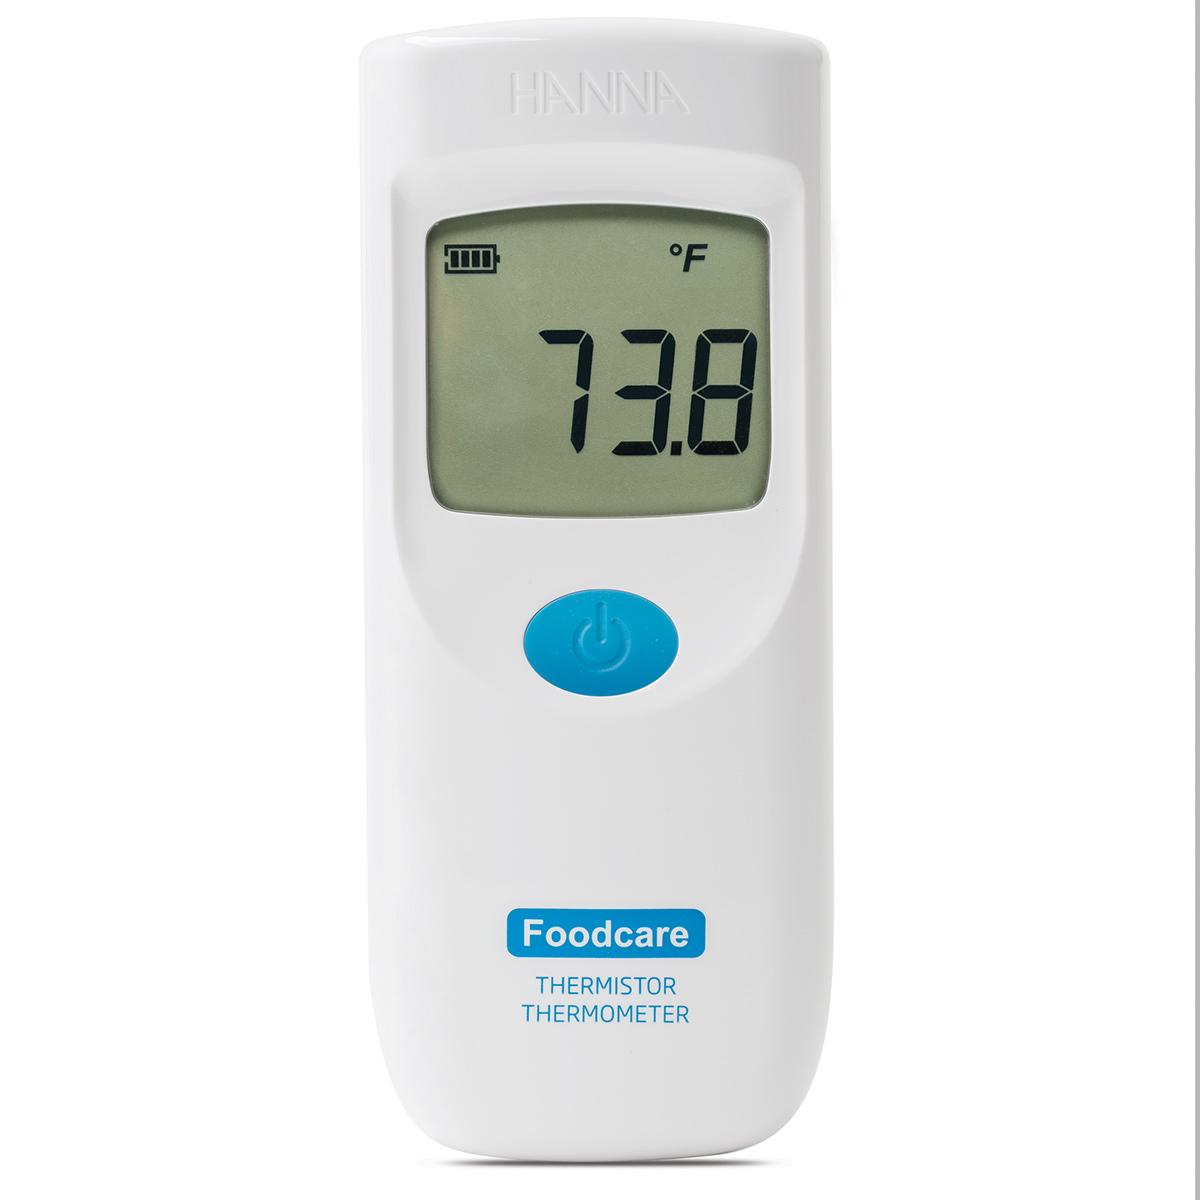 Termometro a termistore per alimenti - HI93501C